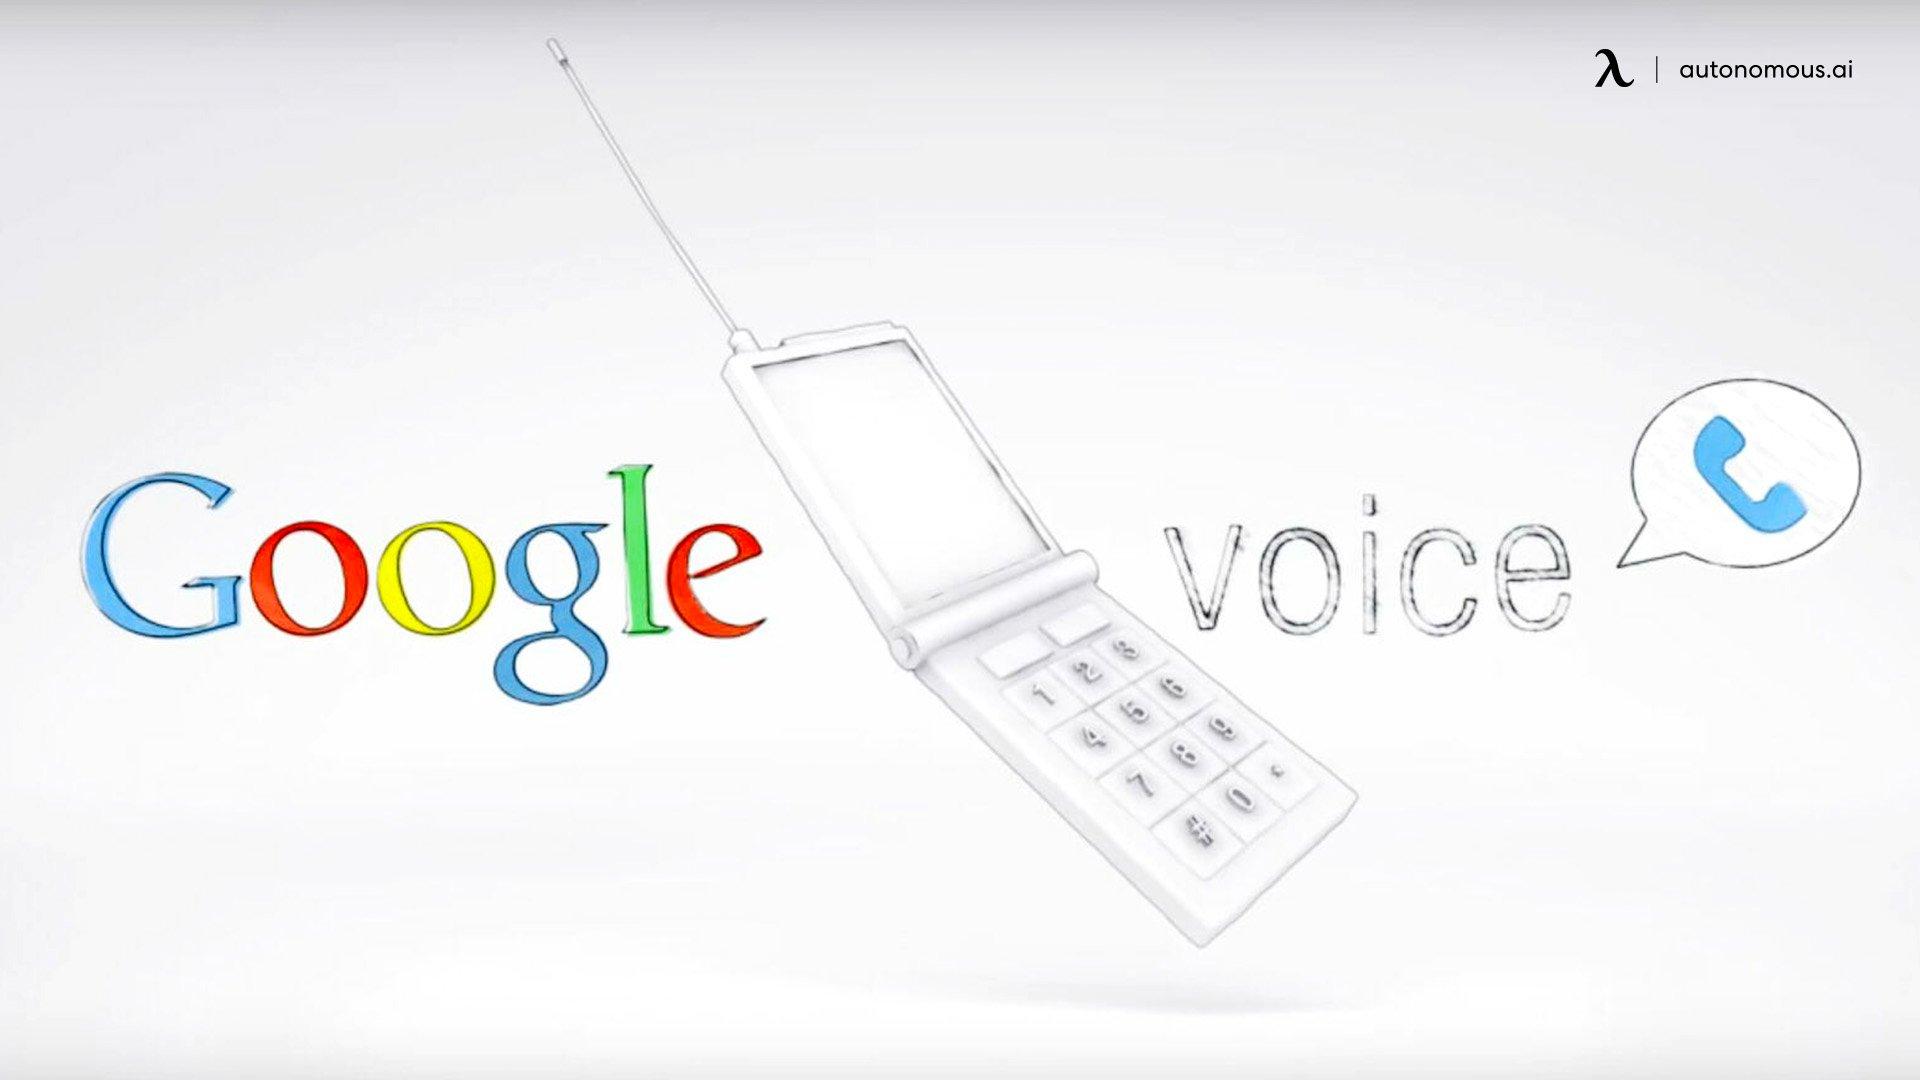 Google voice transcription